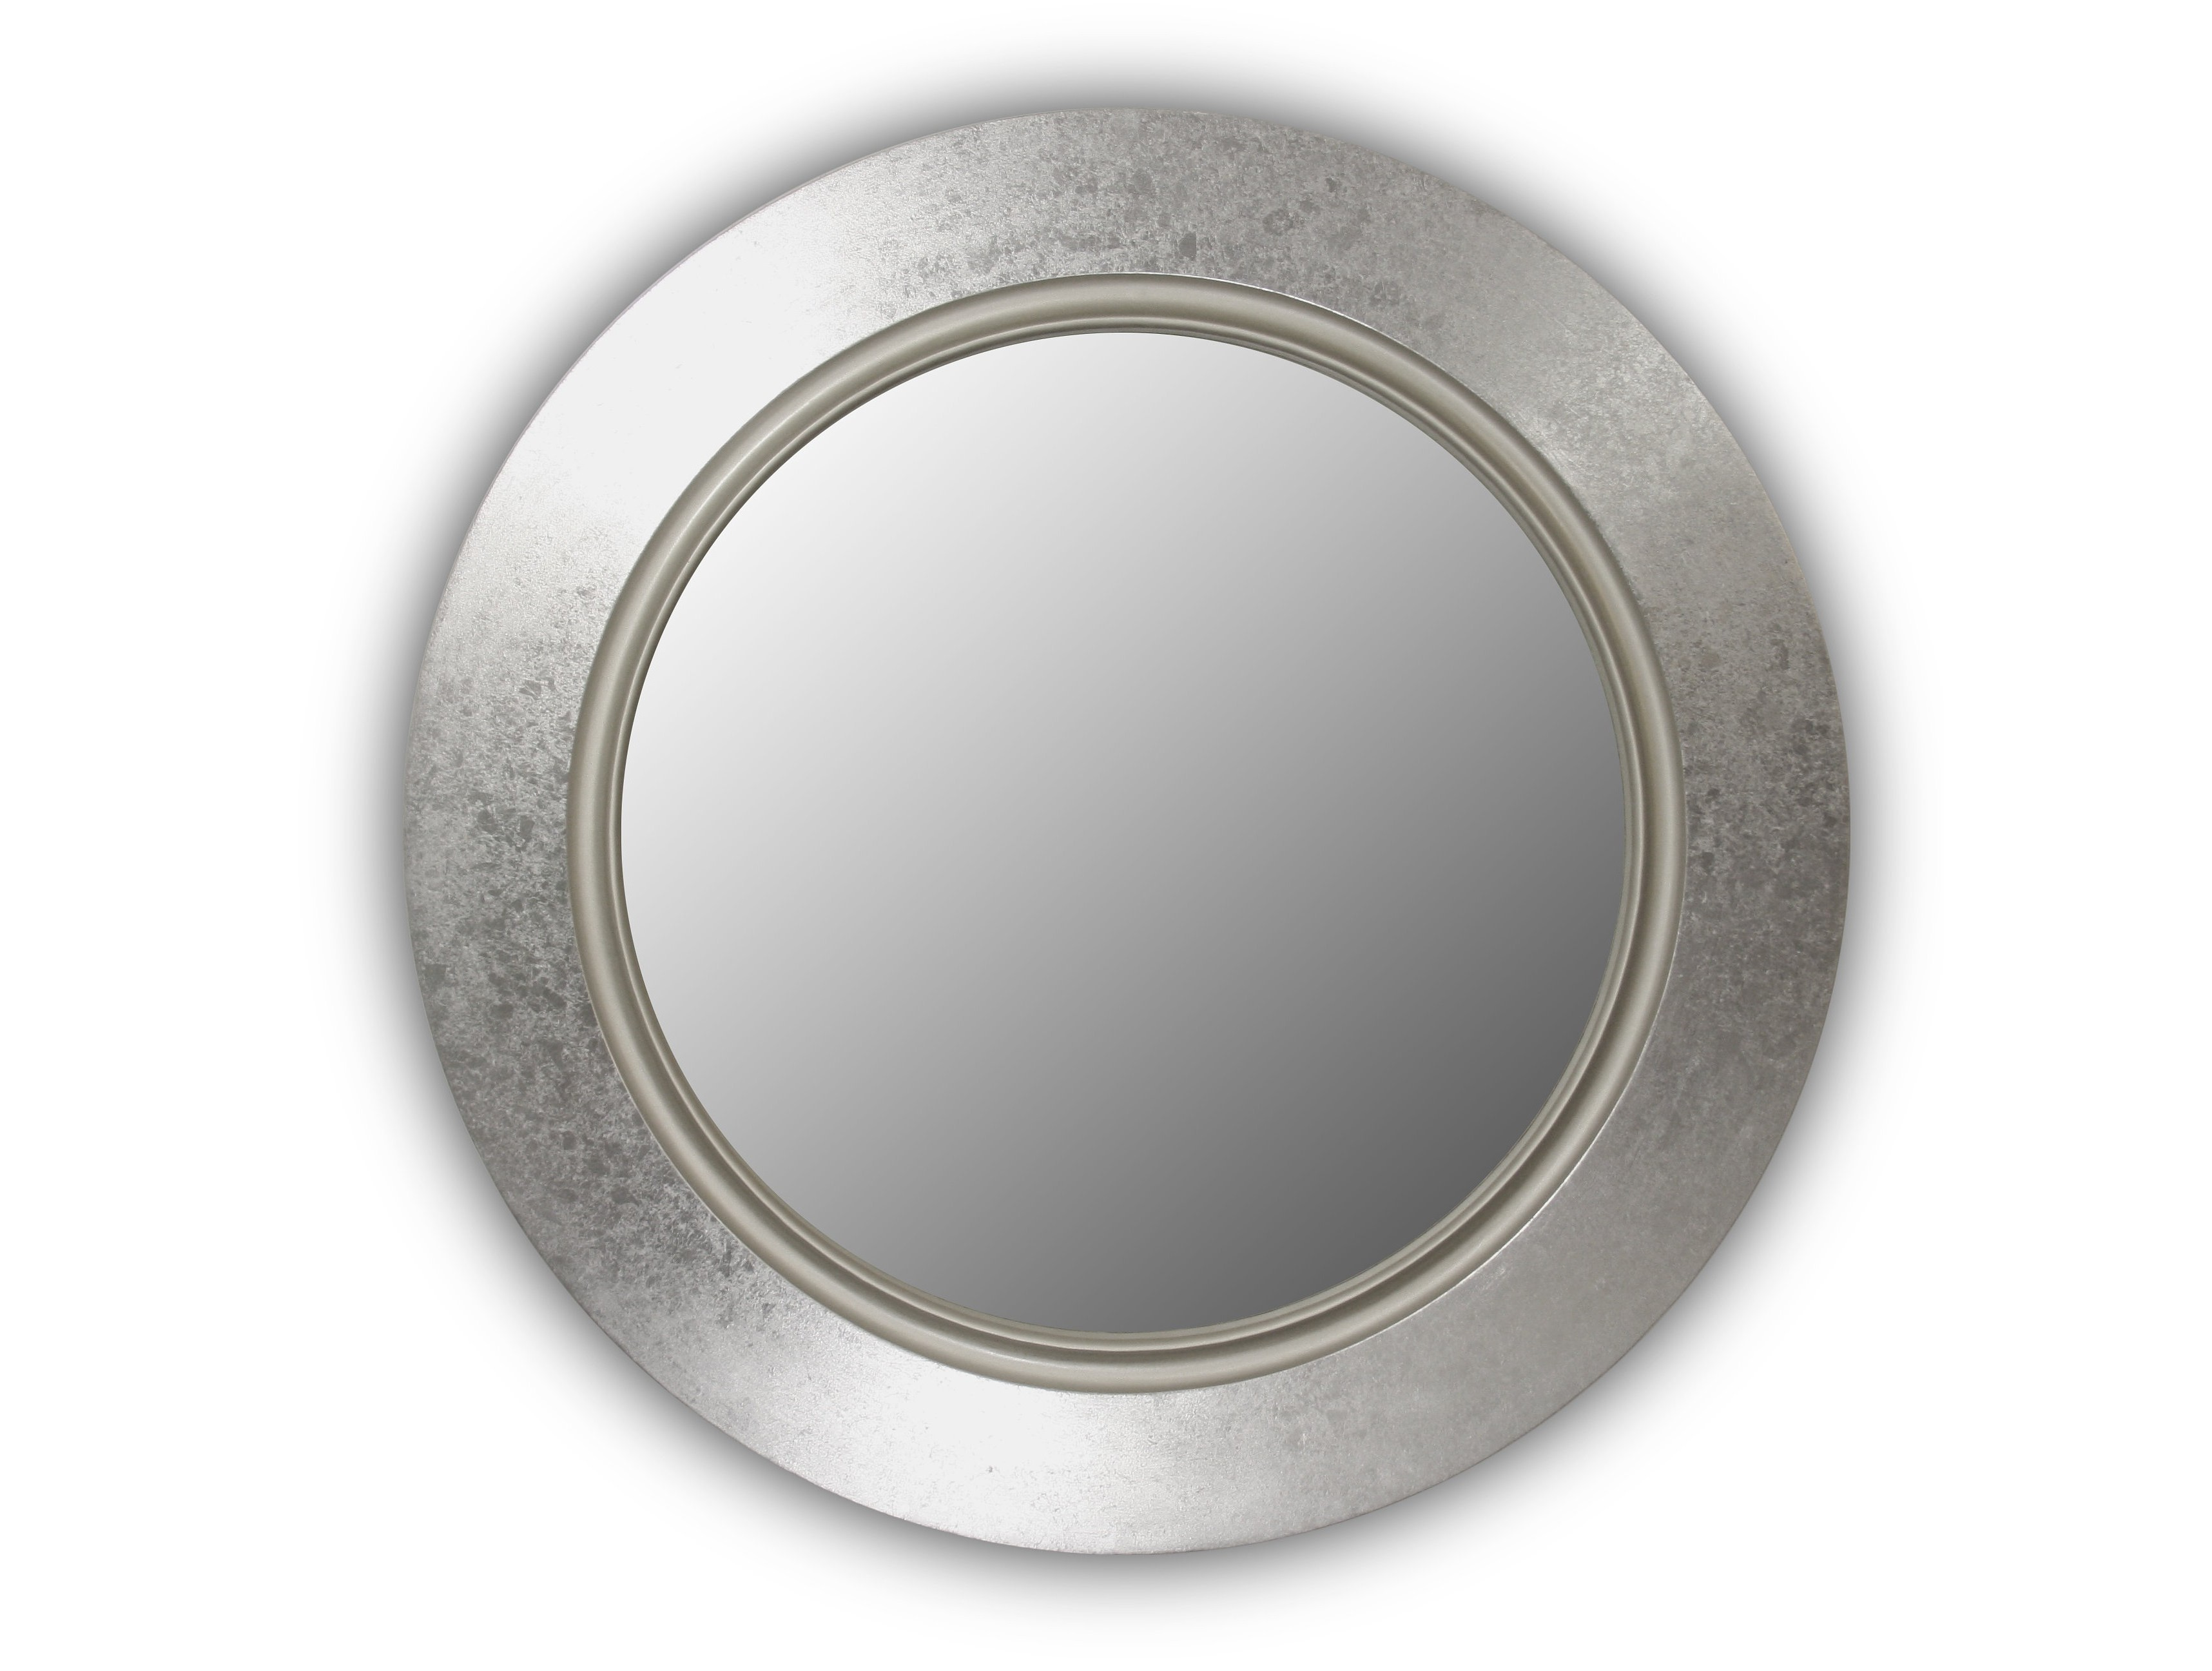 Зеркало Fashion elegantНастенные зеркала<br>Патина, поталь.&amp;lt;div&amp;gt;Возможен заказ изделий размерами 90 см, 75 см, 65 см&amp;lt;/div&amp;gt;<br><br>Material: Дерево<br>Height см: 3.6<br>Diameter см: 90